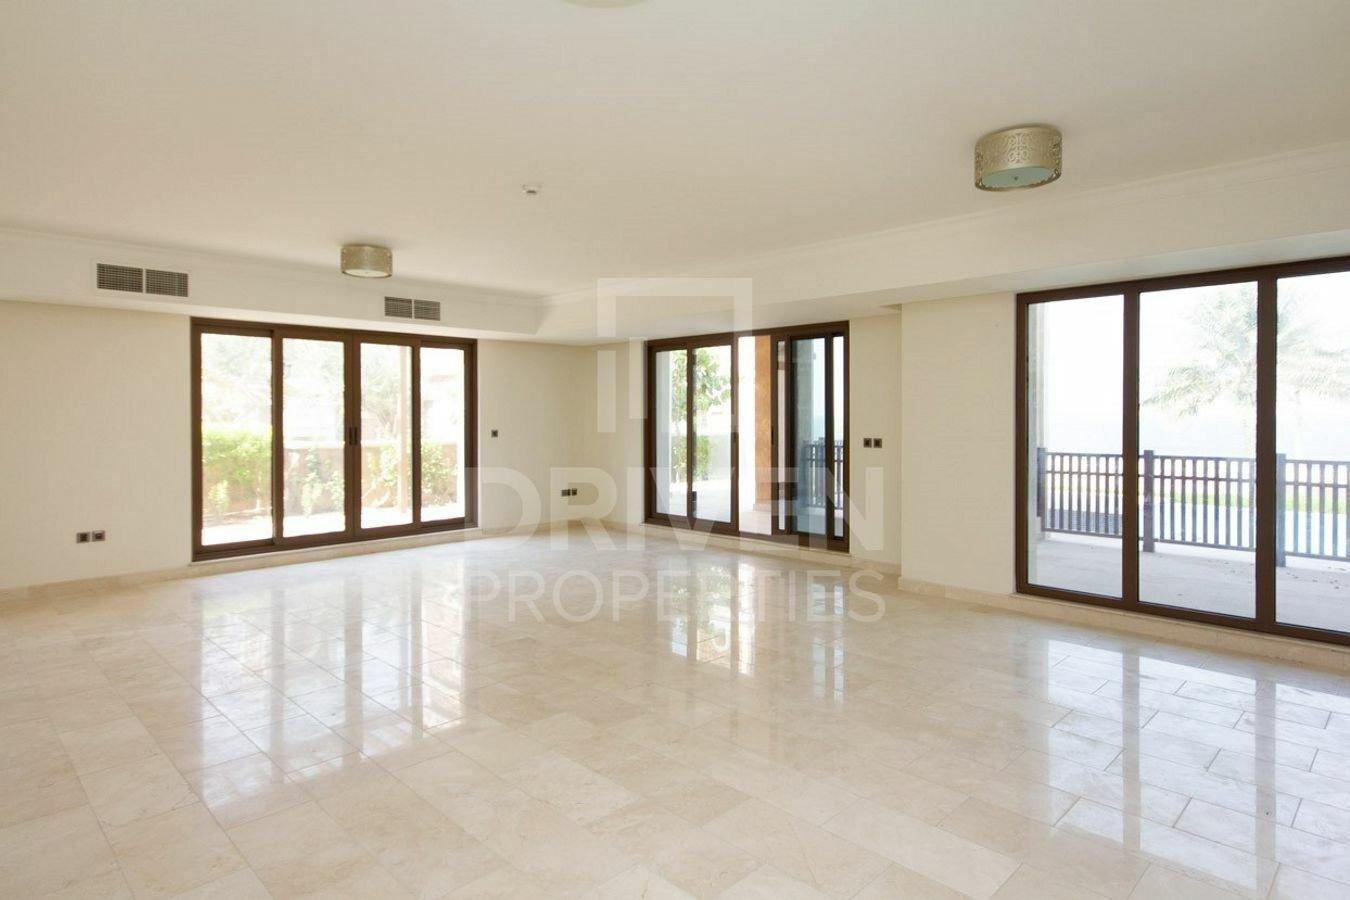 Villa in Dubai, Dubai, United Arab Emirates 1 - 11538176